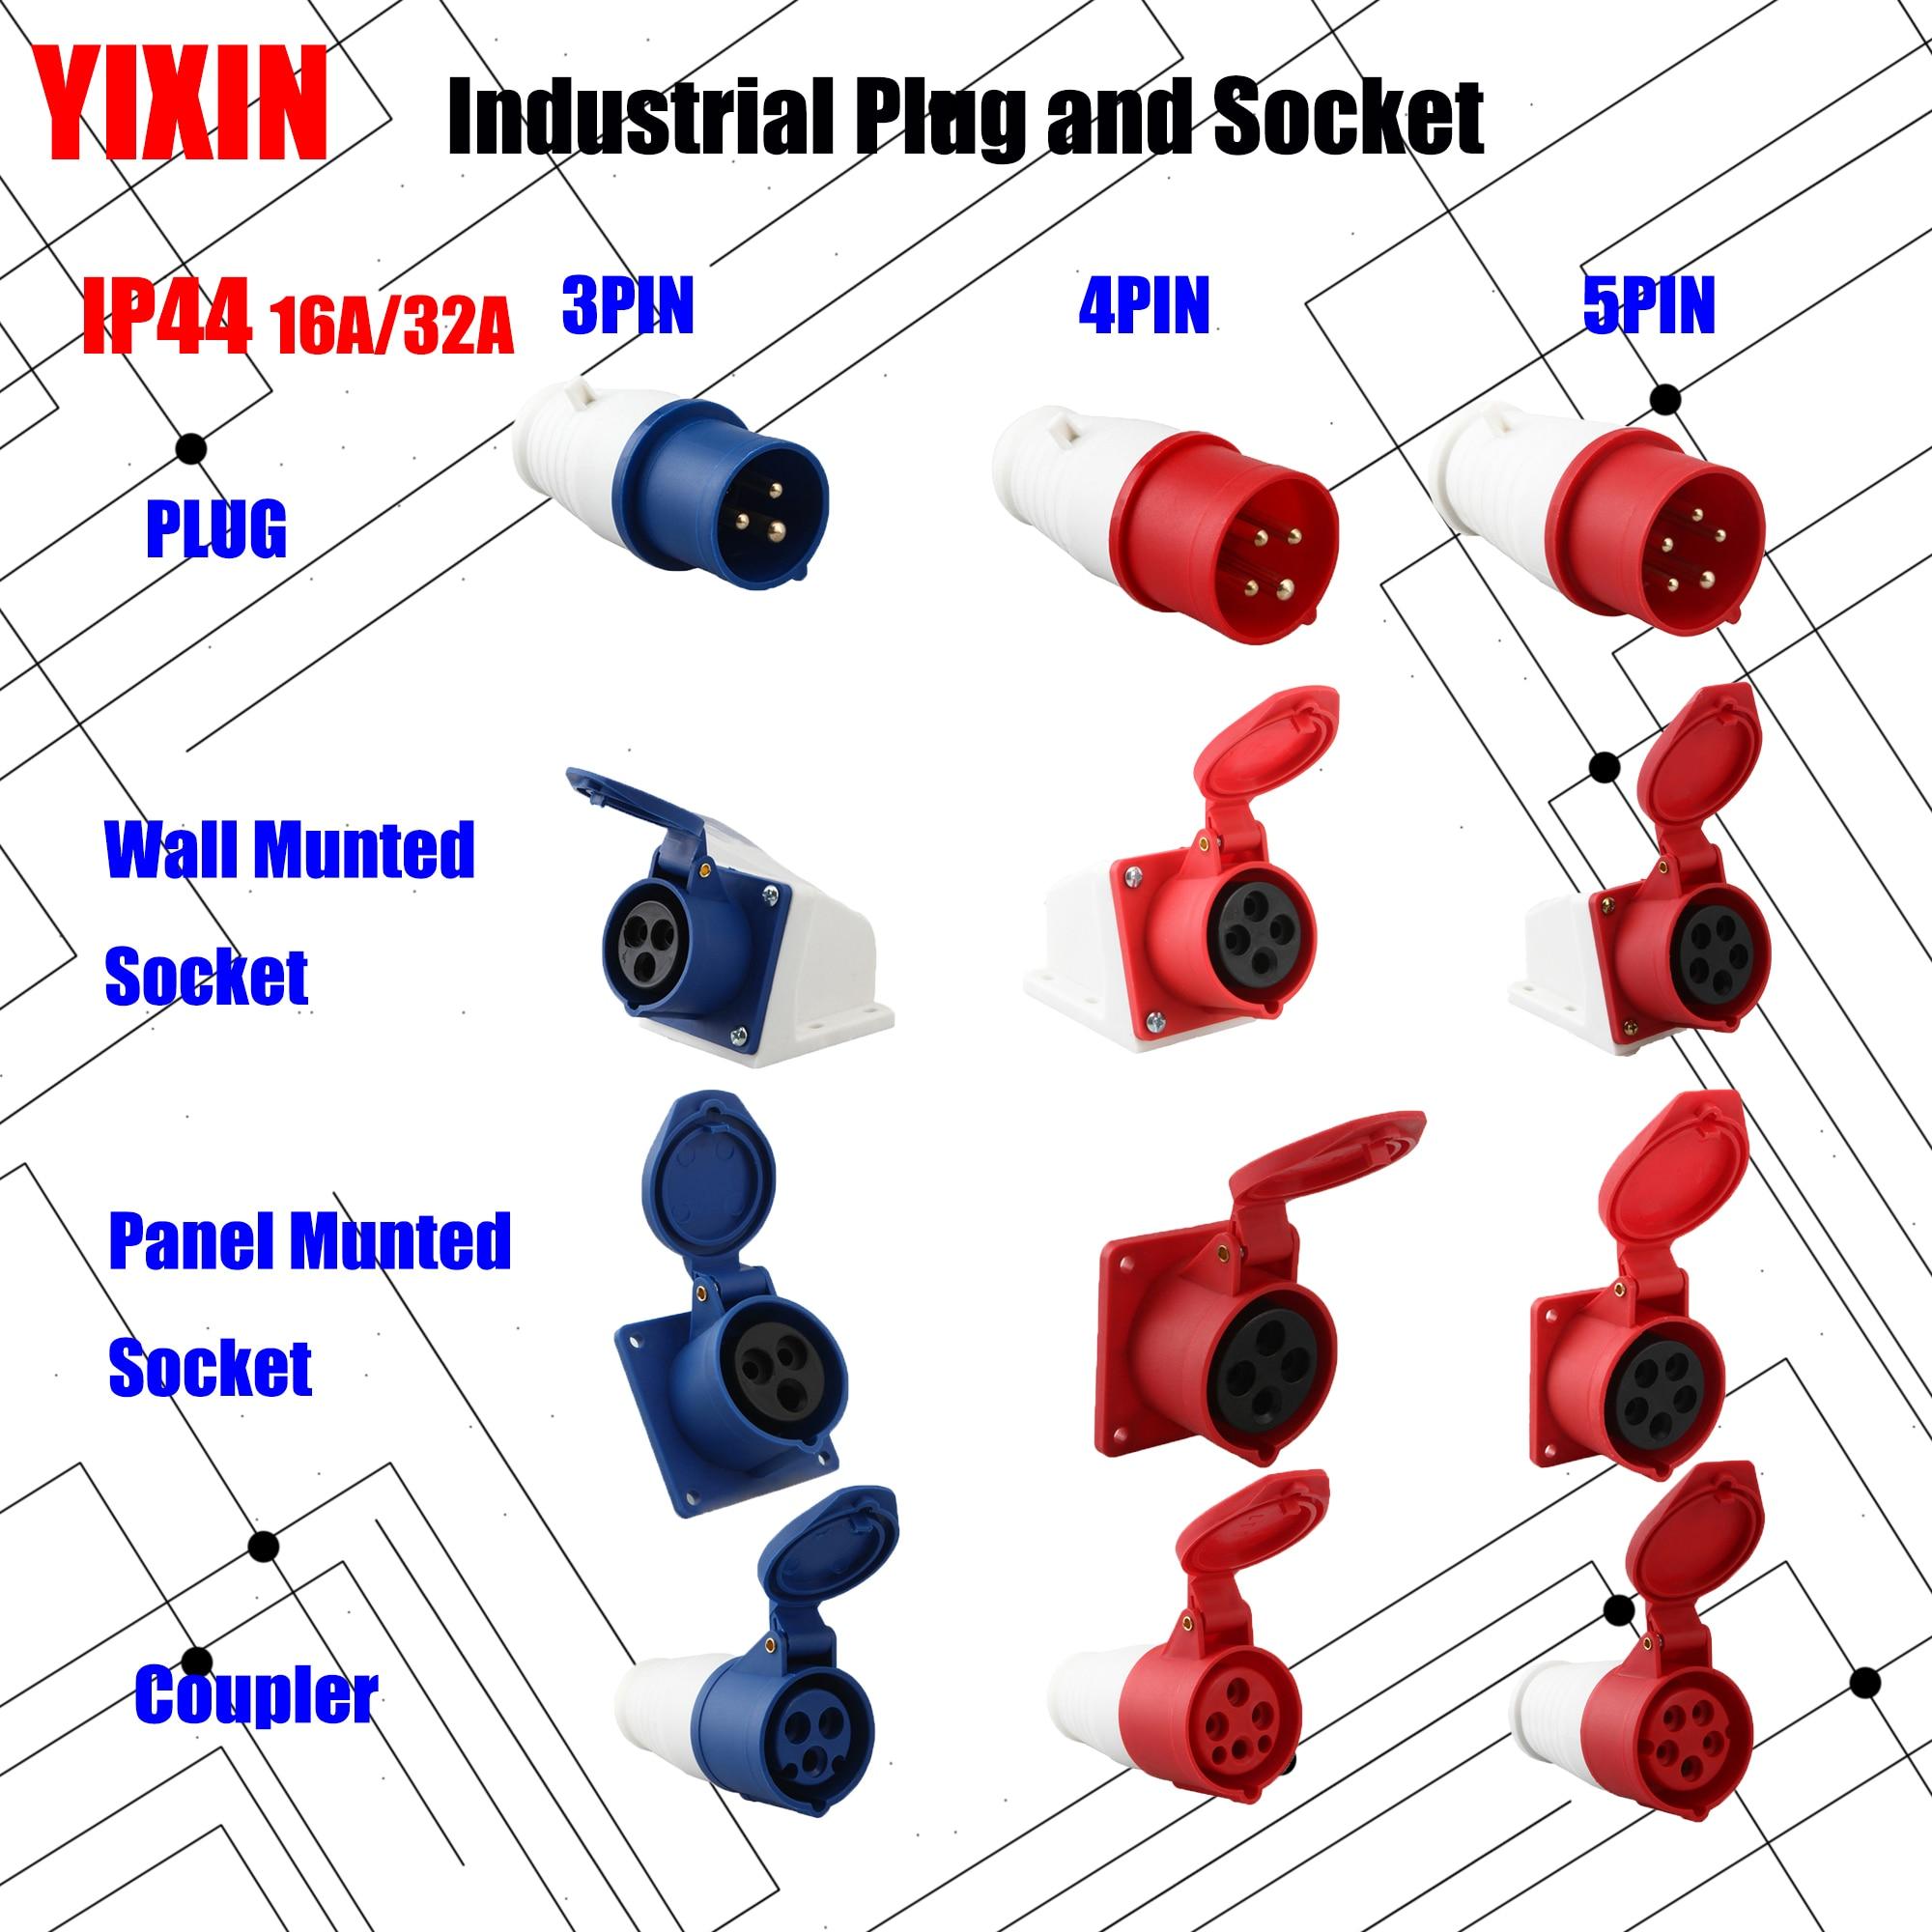 Prise industrielle 5 broches et prise 3P/4P/5P connecteur électrique 16A 32A IP44 prise murale 220V 380V 415V mâle femelle